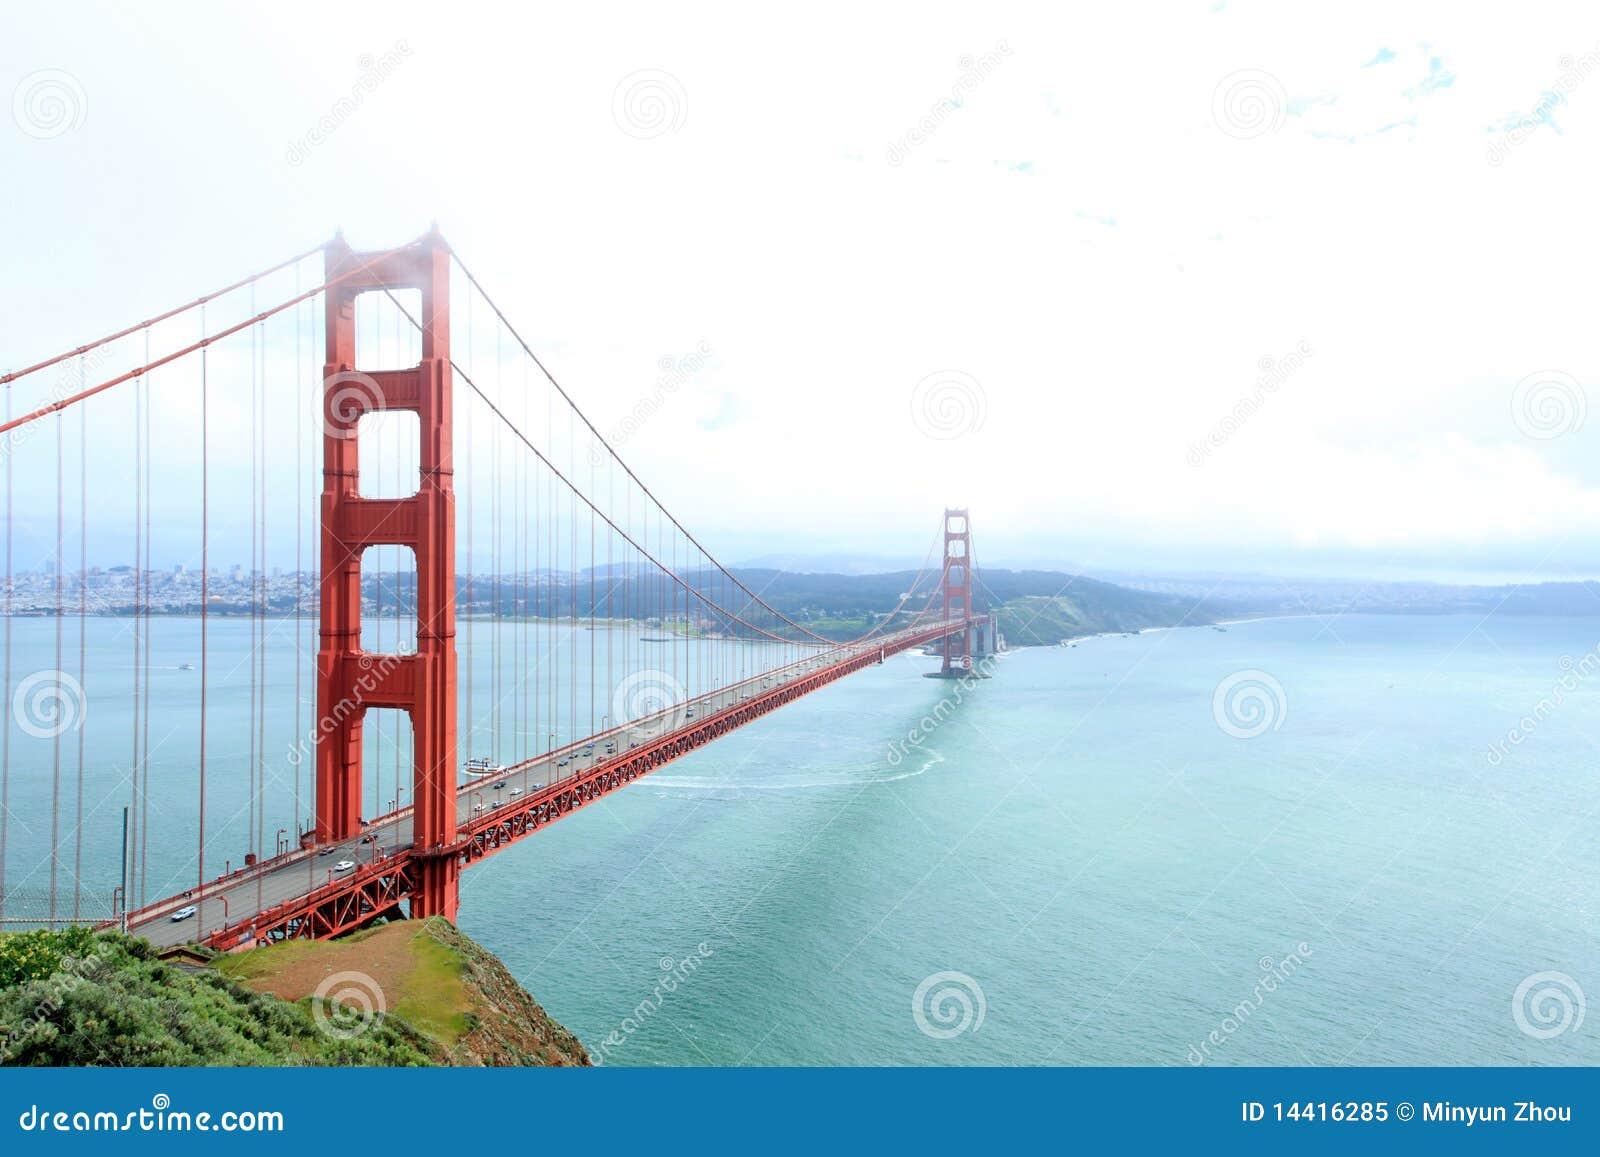 Golden gate bridge.San Francisco.California